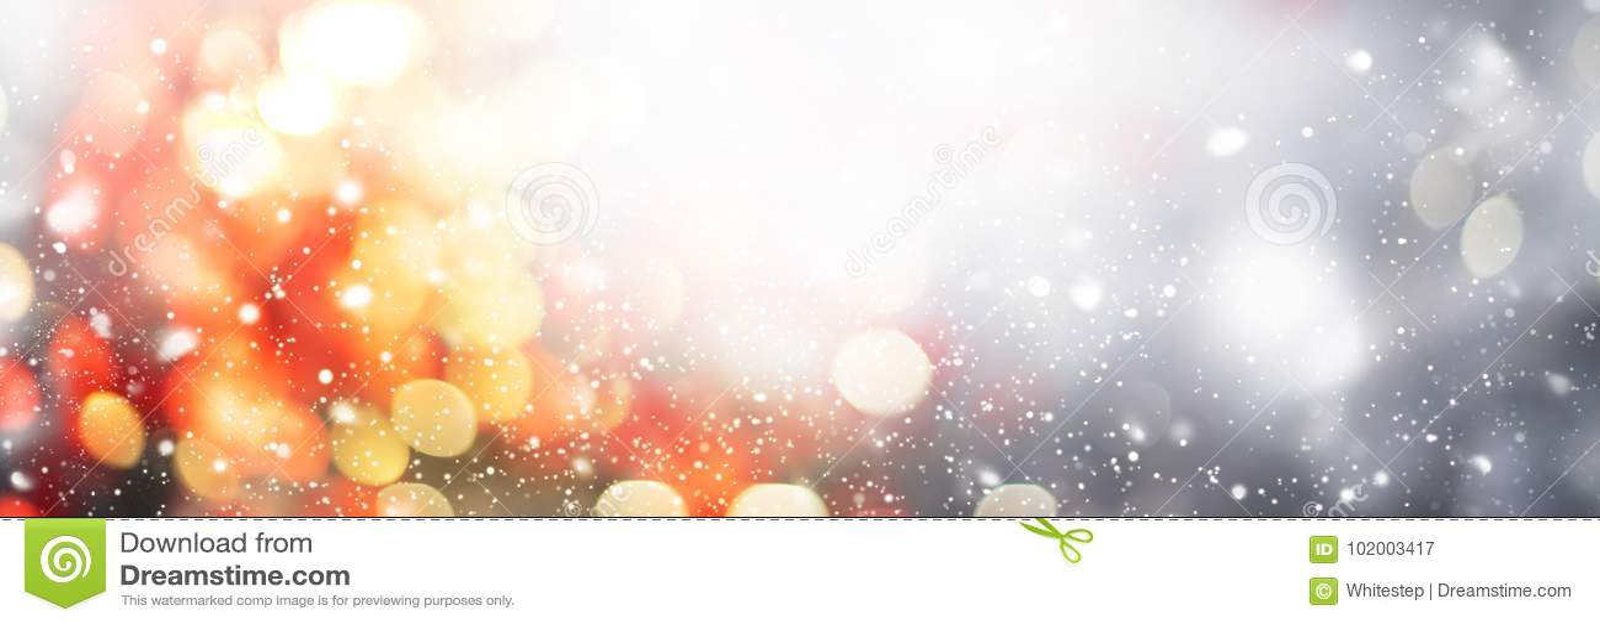 Jul gör sammandrag Defocused fläckljus för bakgrund